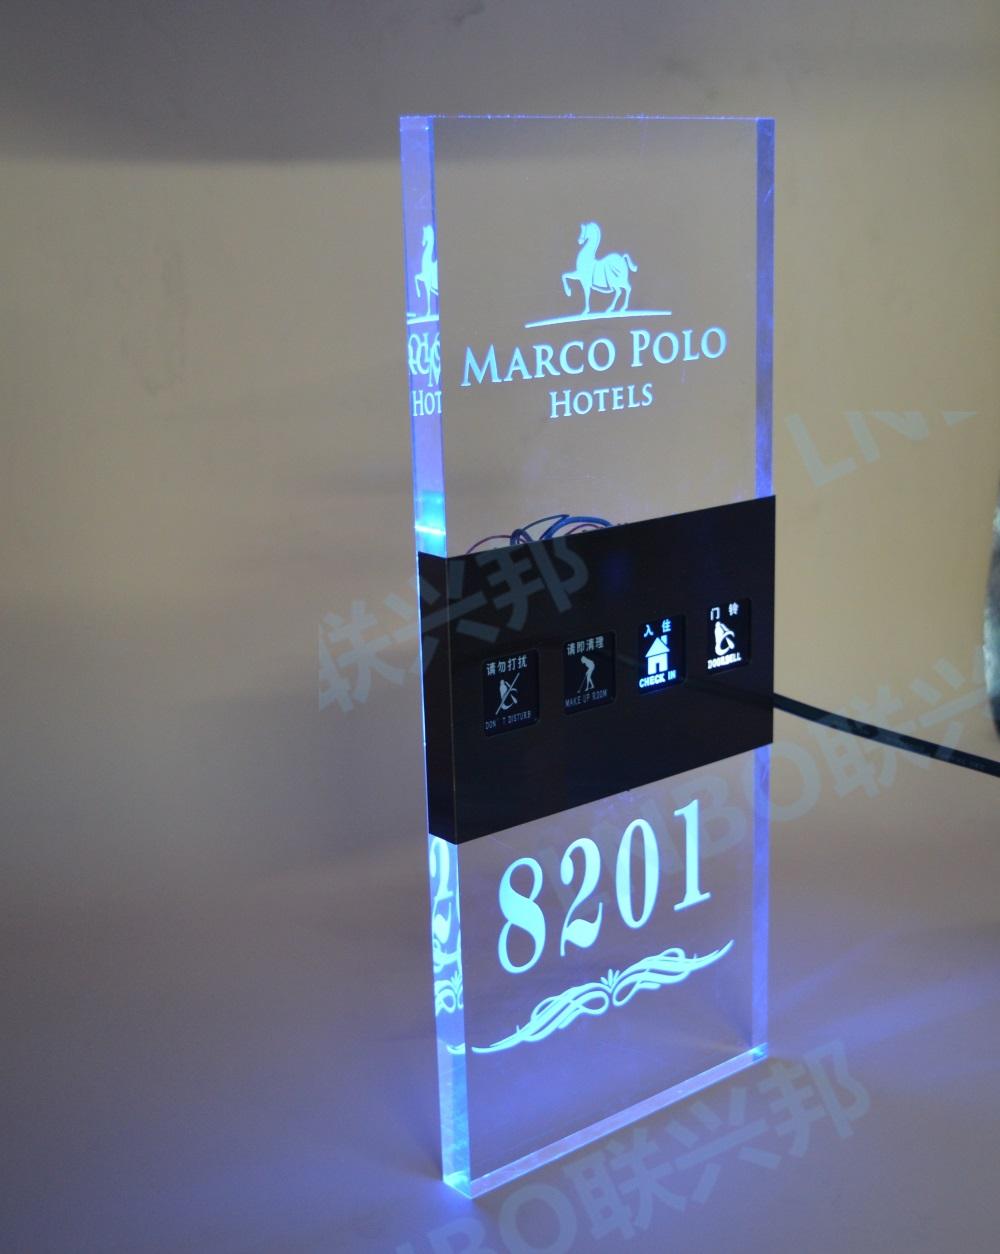 新品推荐---酒店加长版水晶智能电子门牌